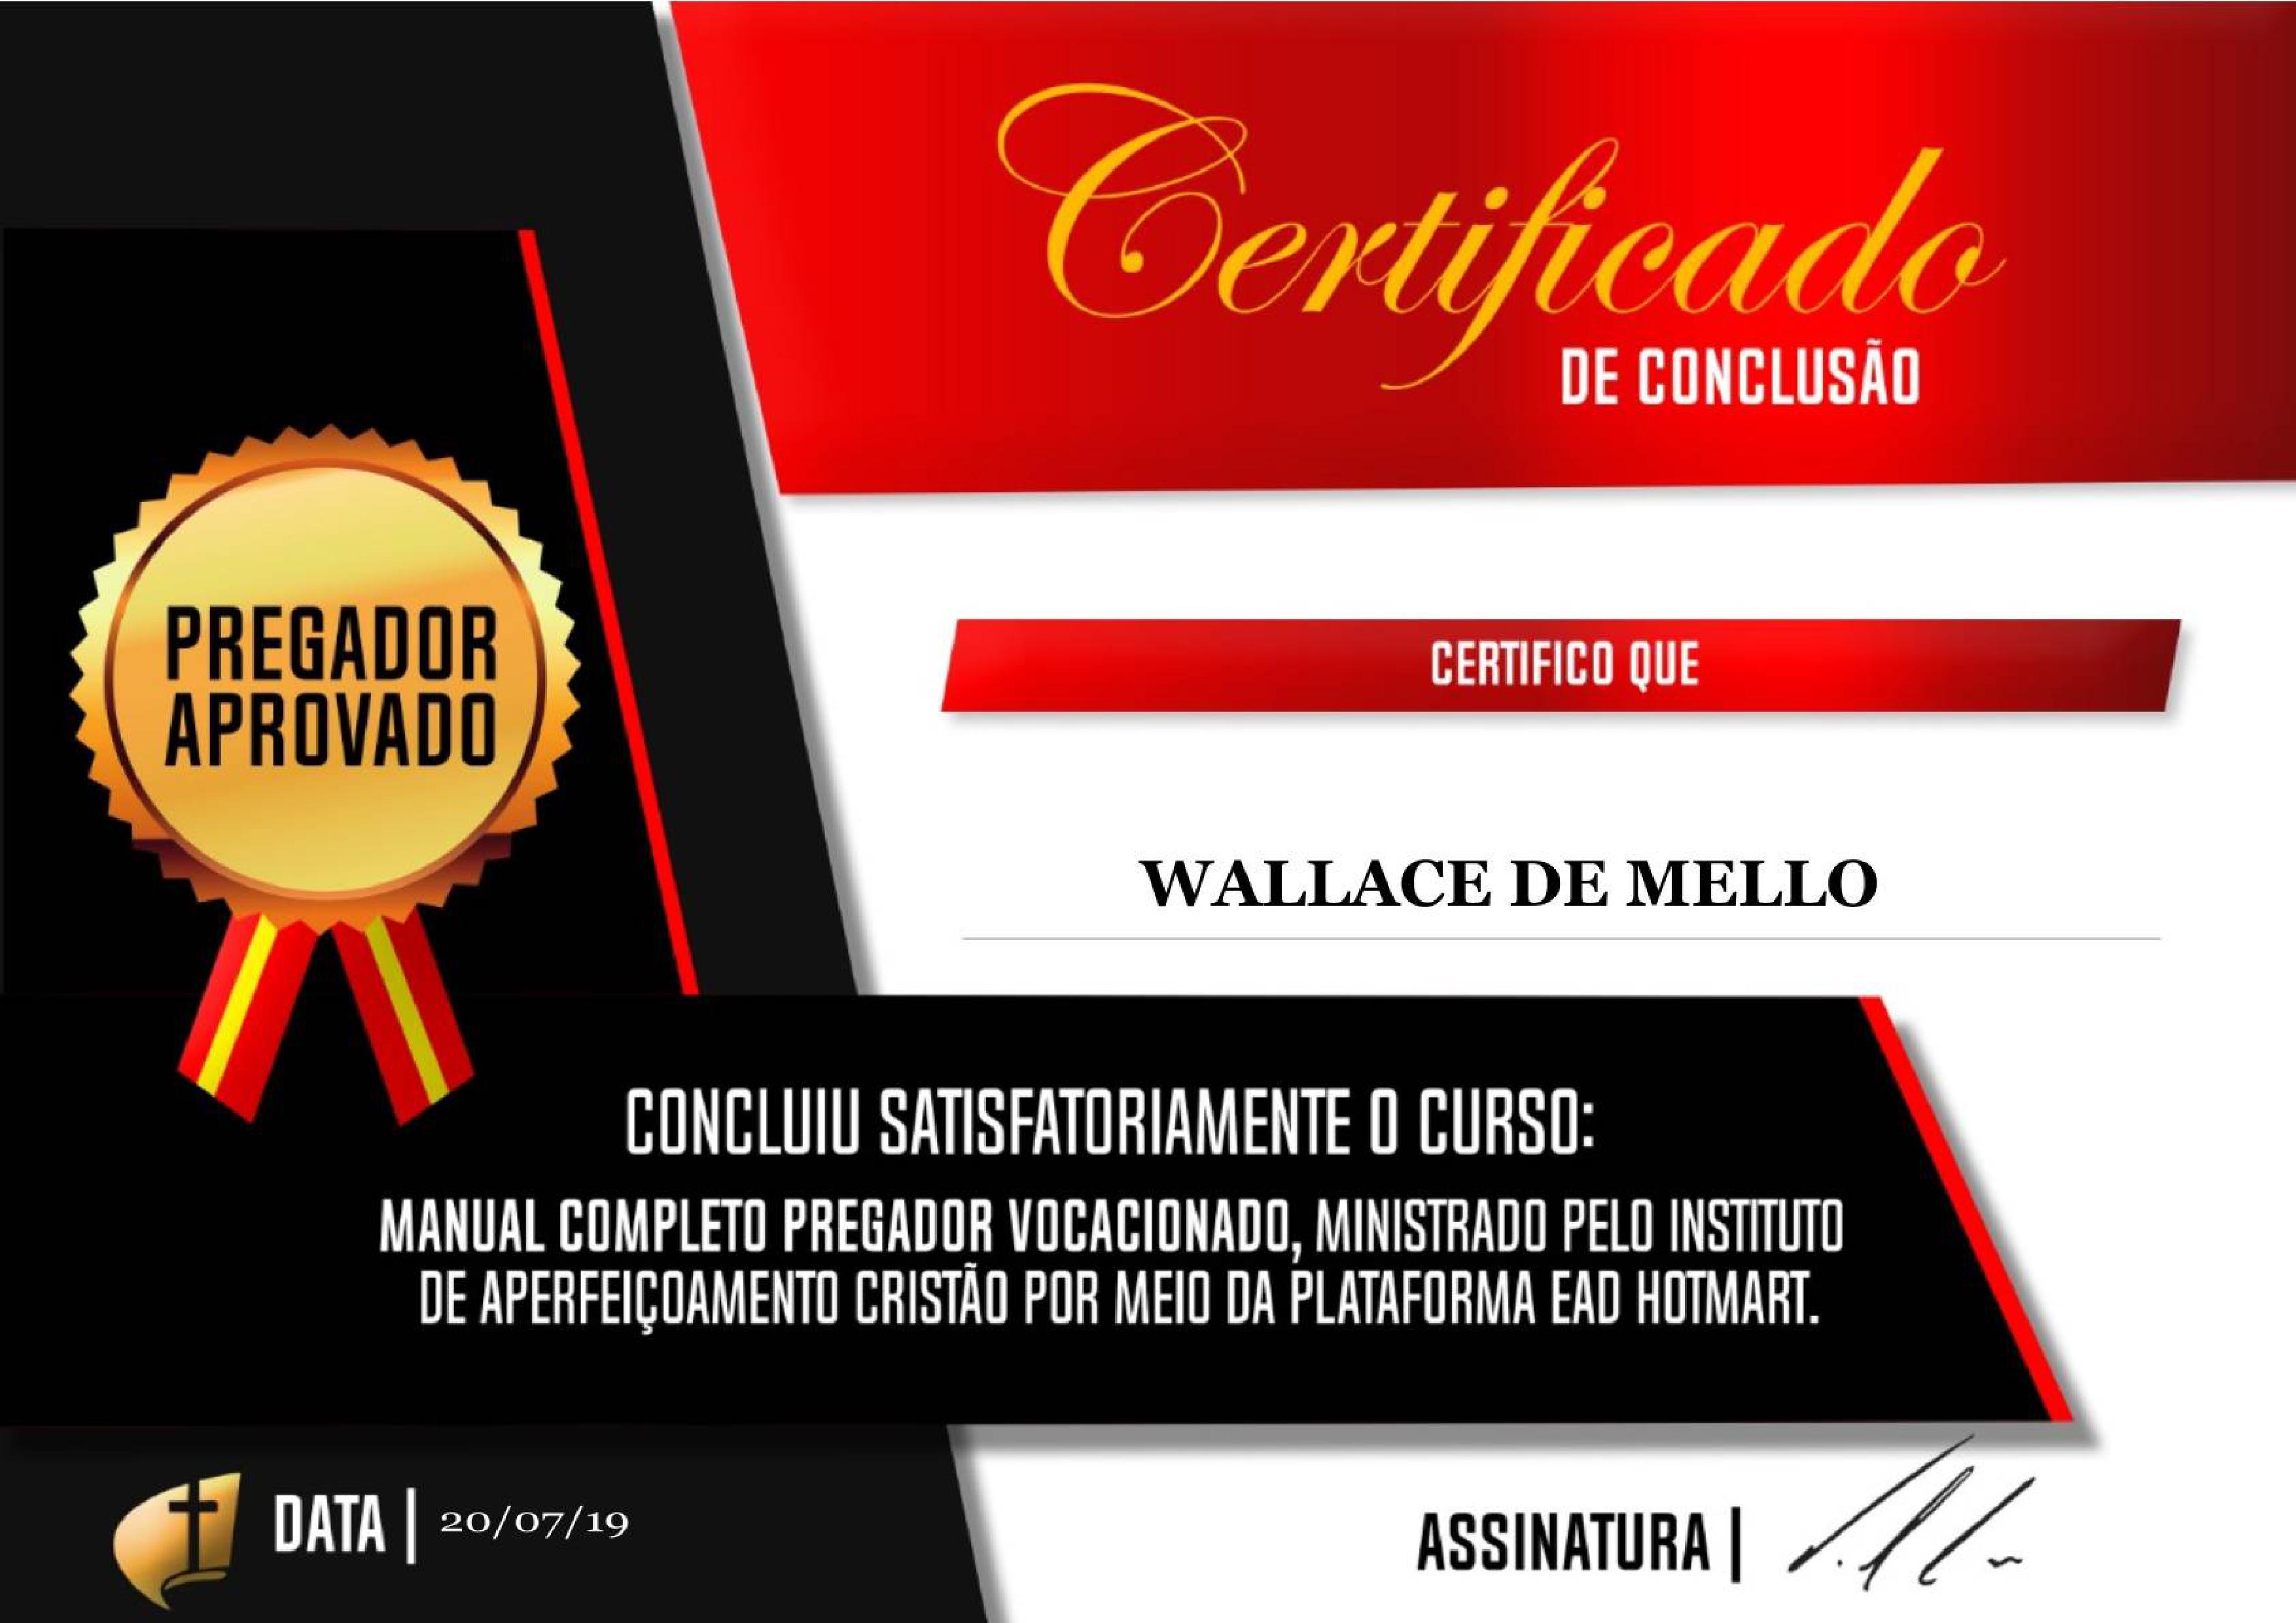 certificado manual completo pregador vocacionado